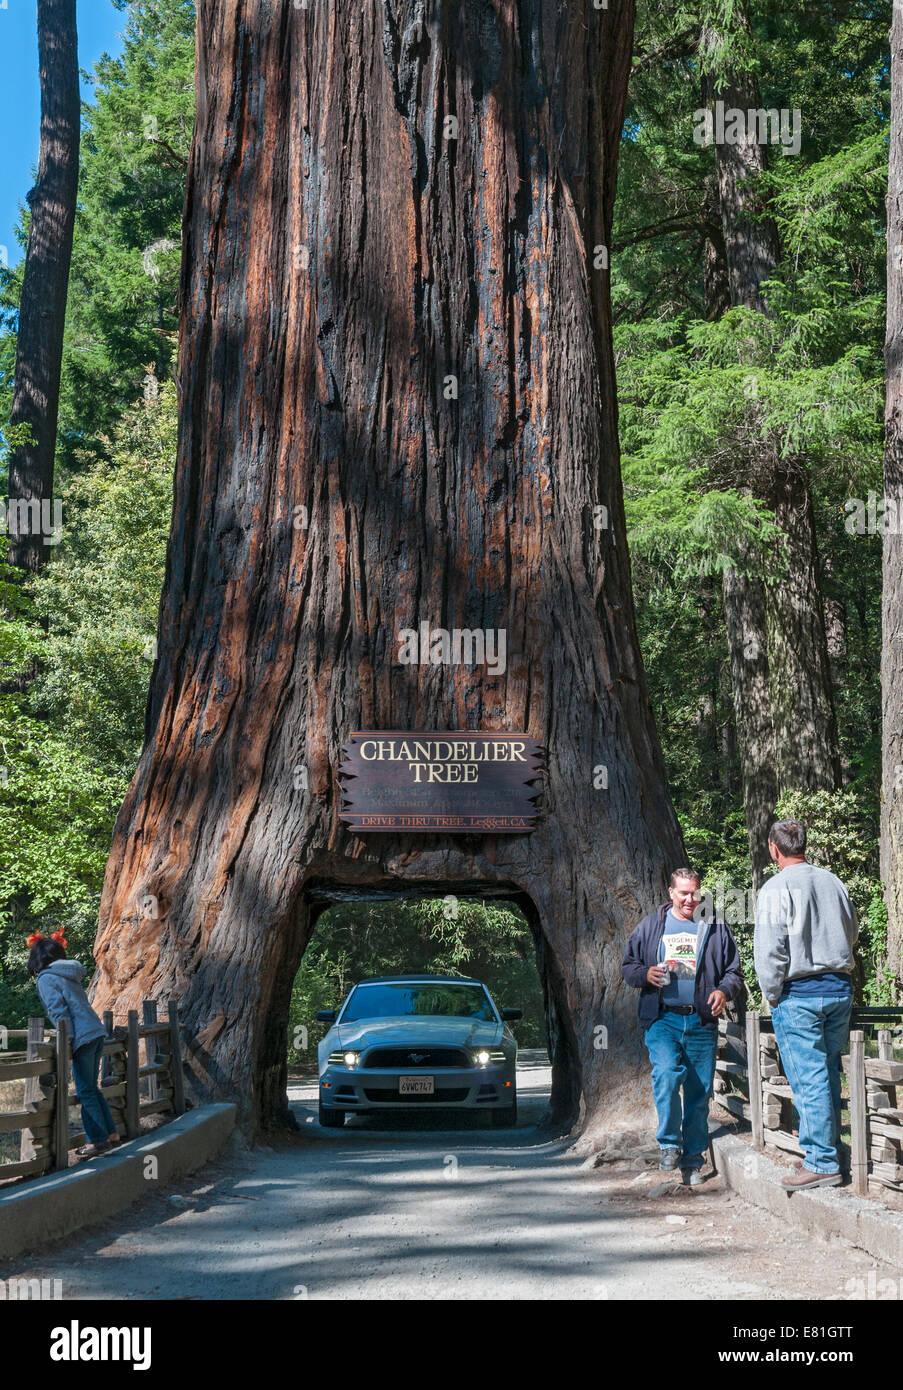 California leggett chandelier tree drive through tree giant california leggett chandelier tree drive through tree giant redwood tree 315 feet tall arubaitofo Gallery